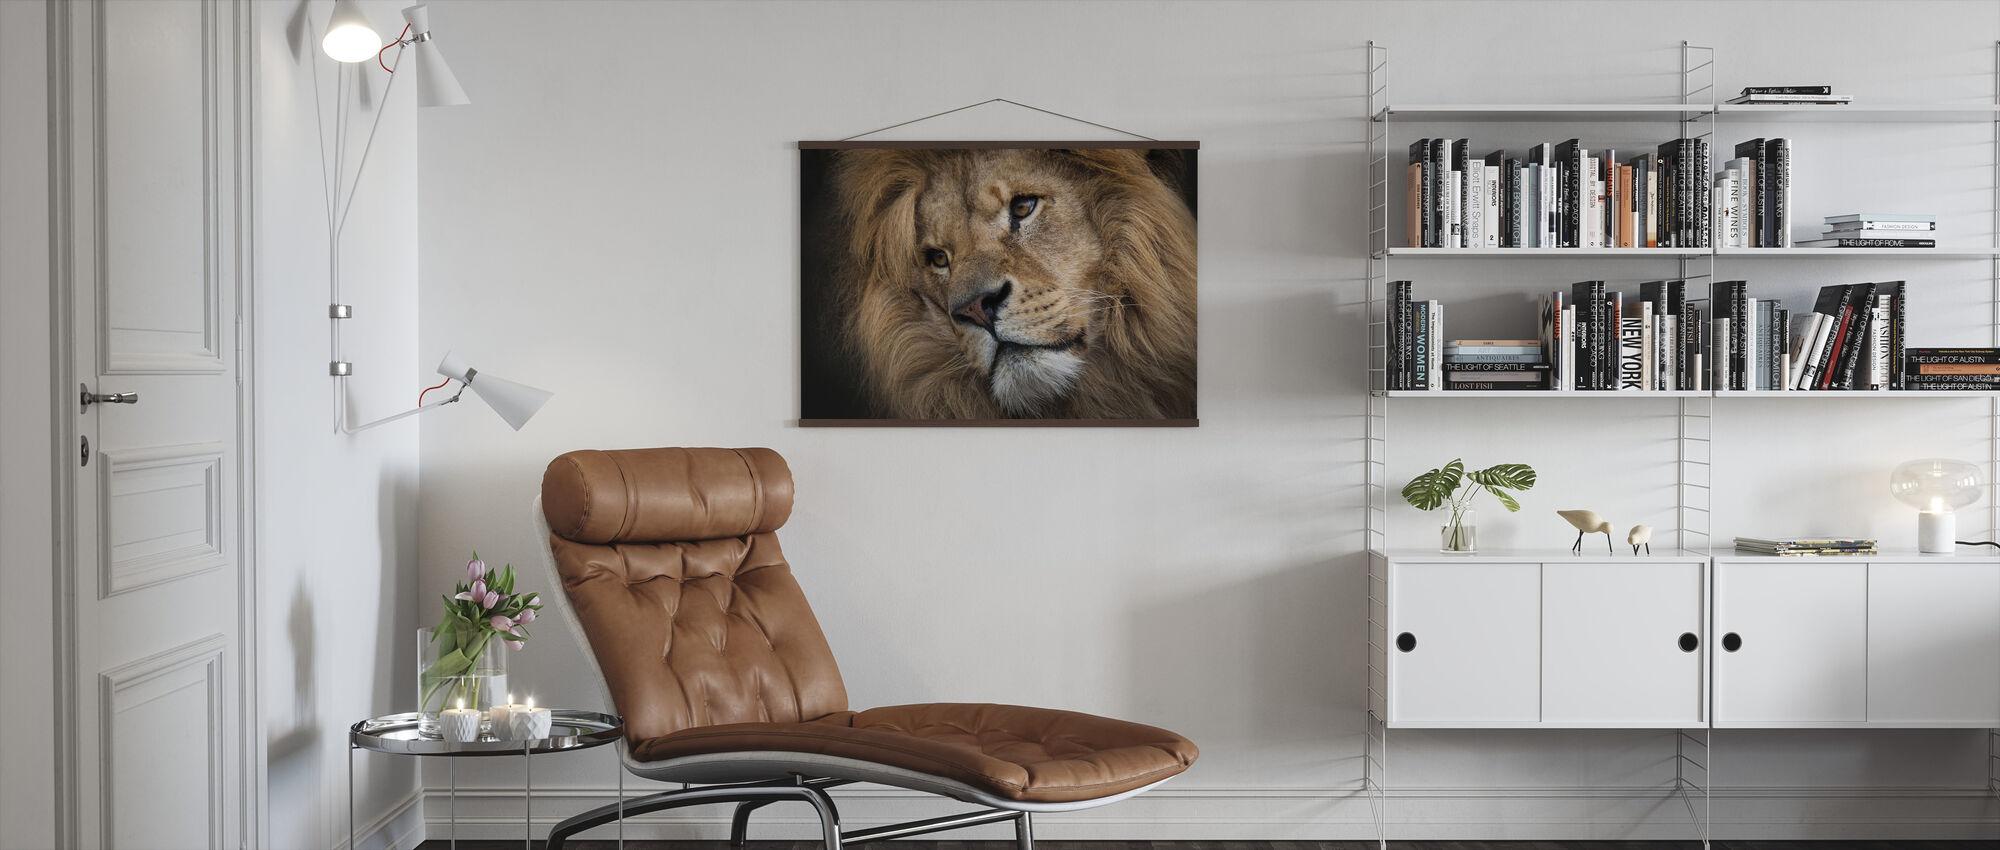 Leo - Poster - Living Room